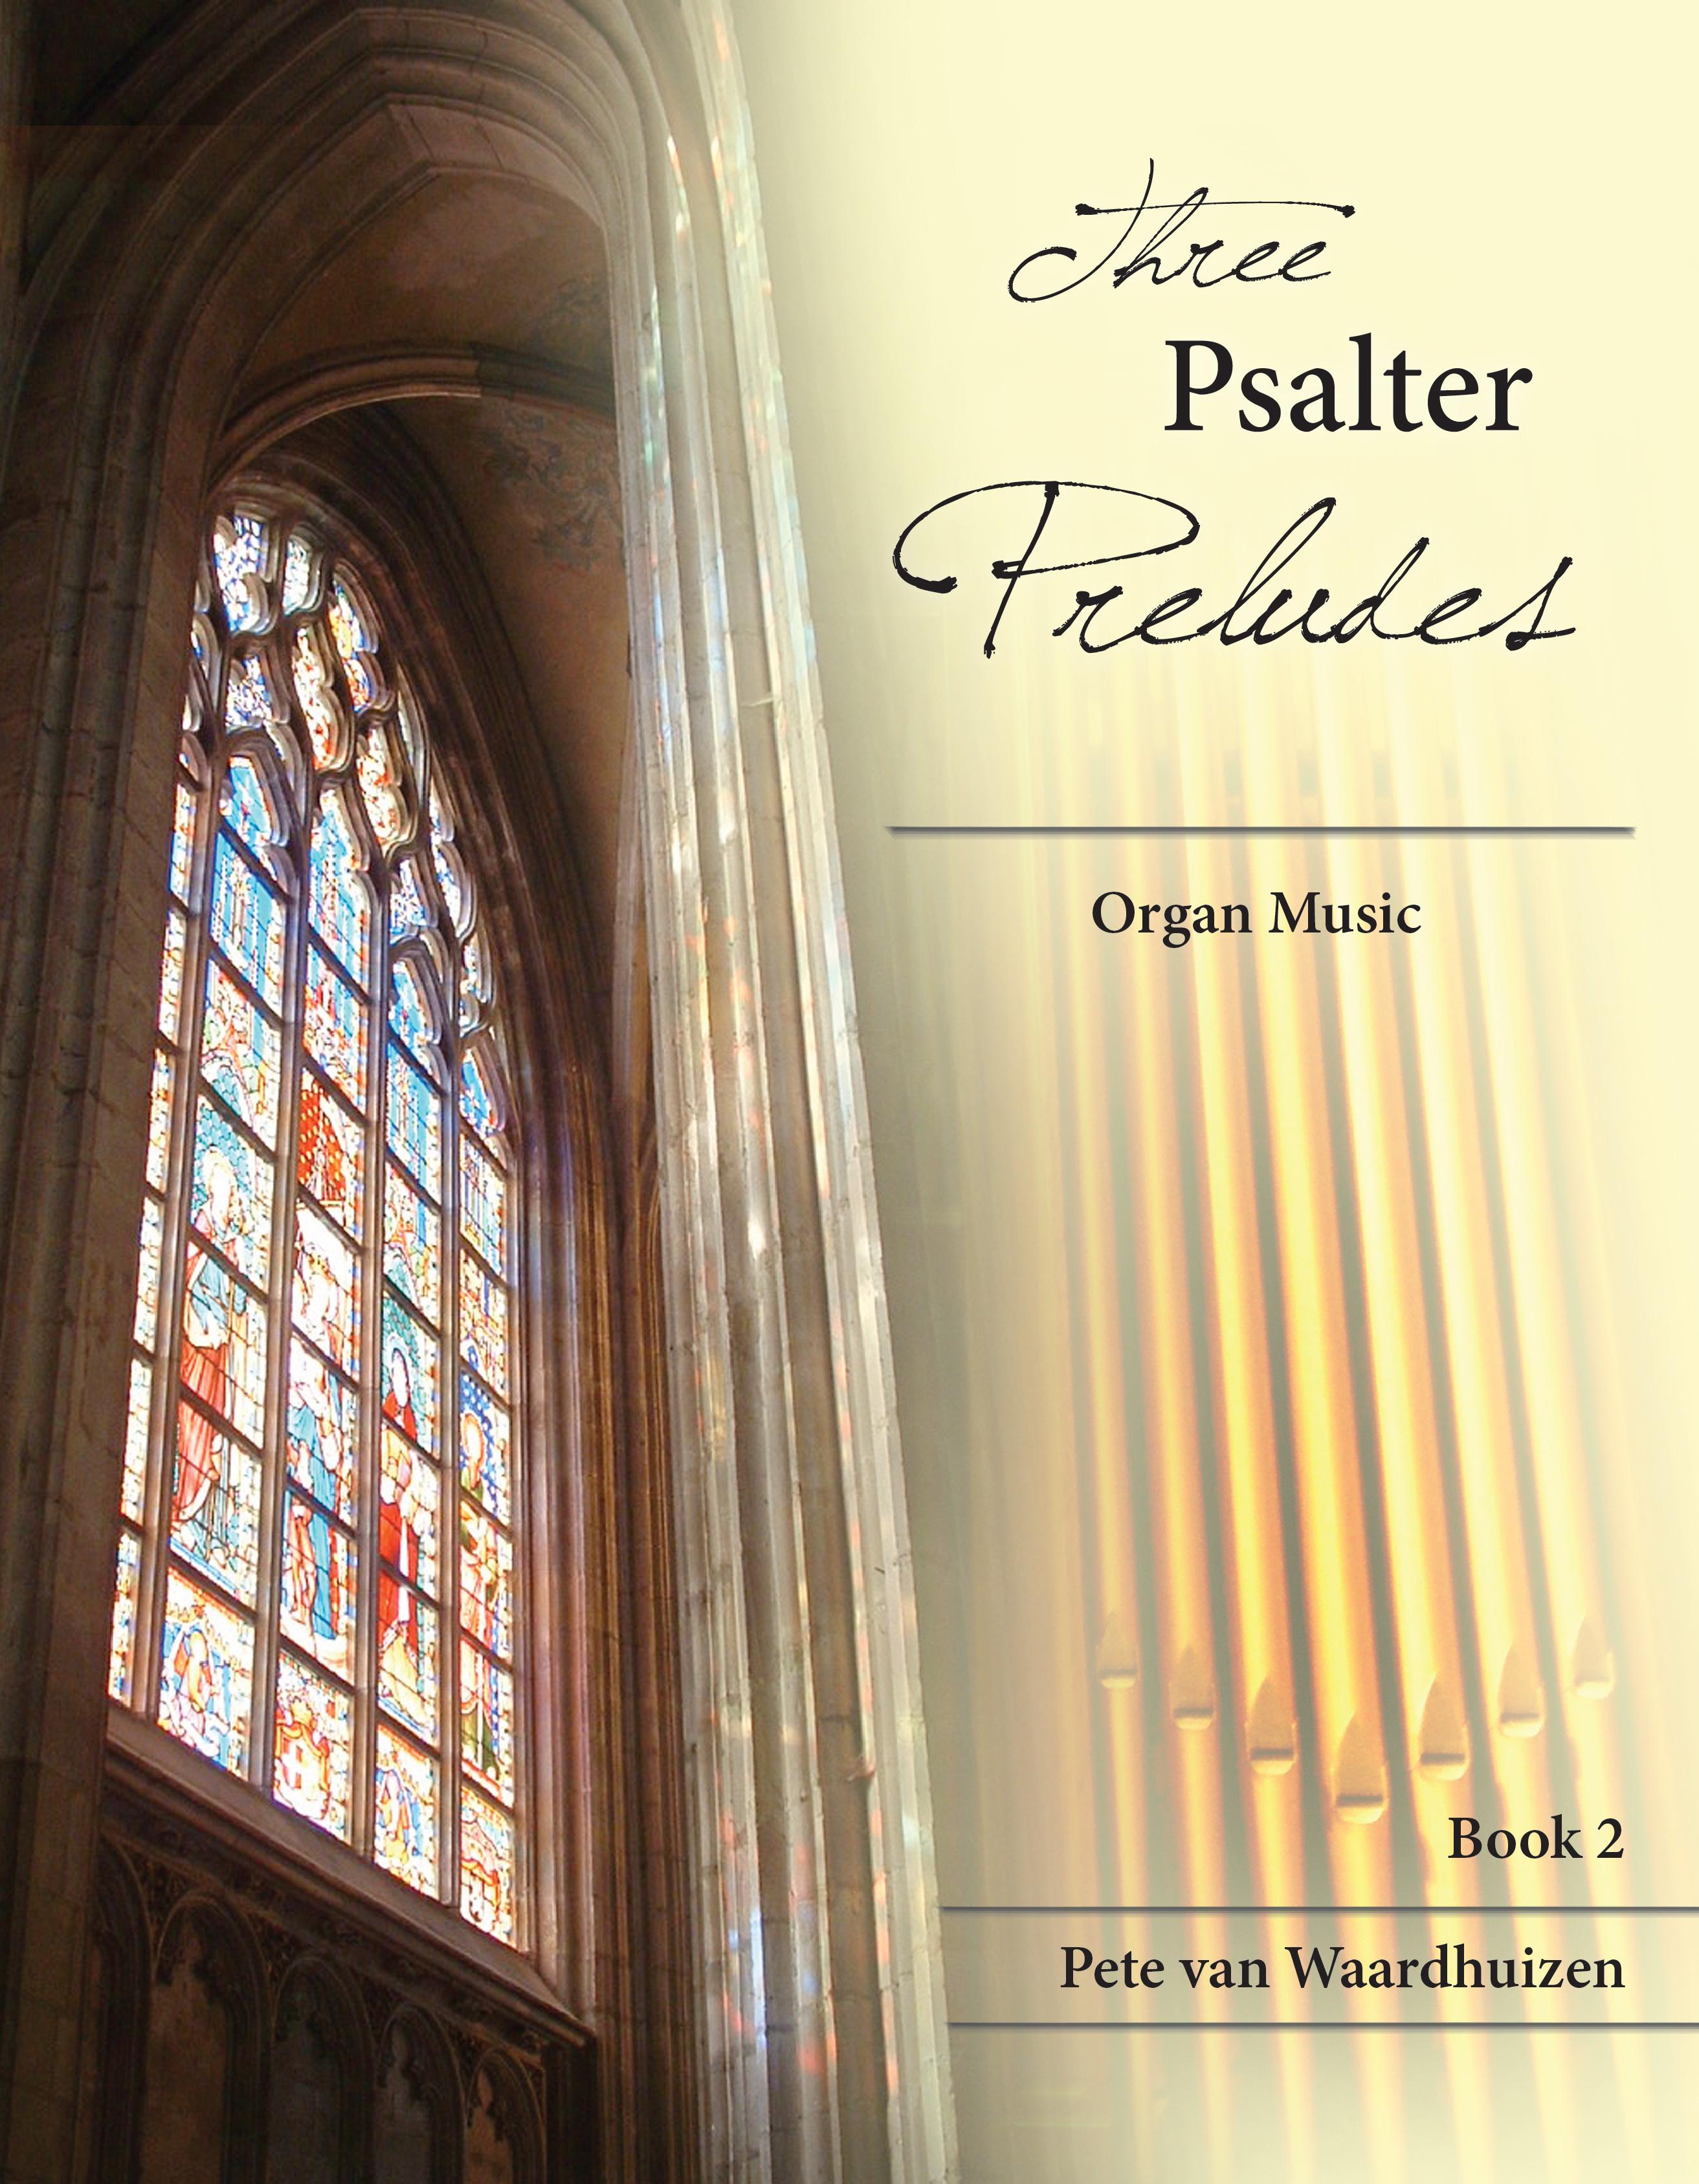 https://0901.nccdn.net/4_2/000/000/06b/a1b/book-2_front-cover.jpg